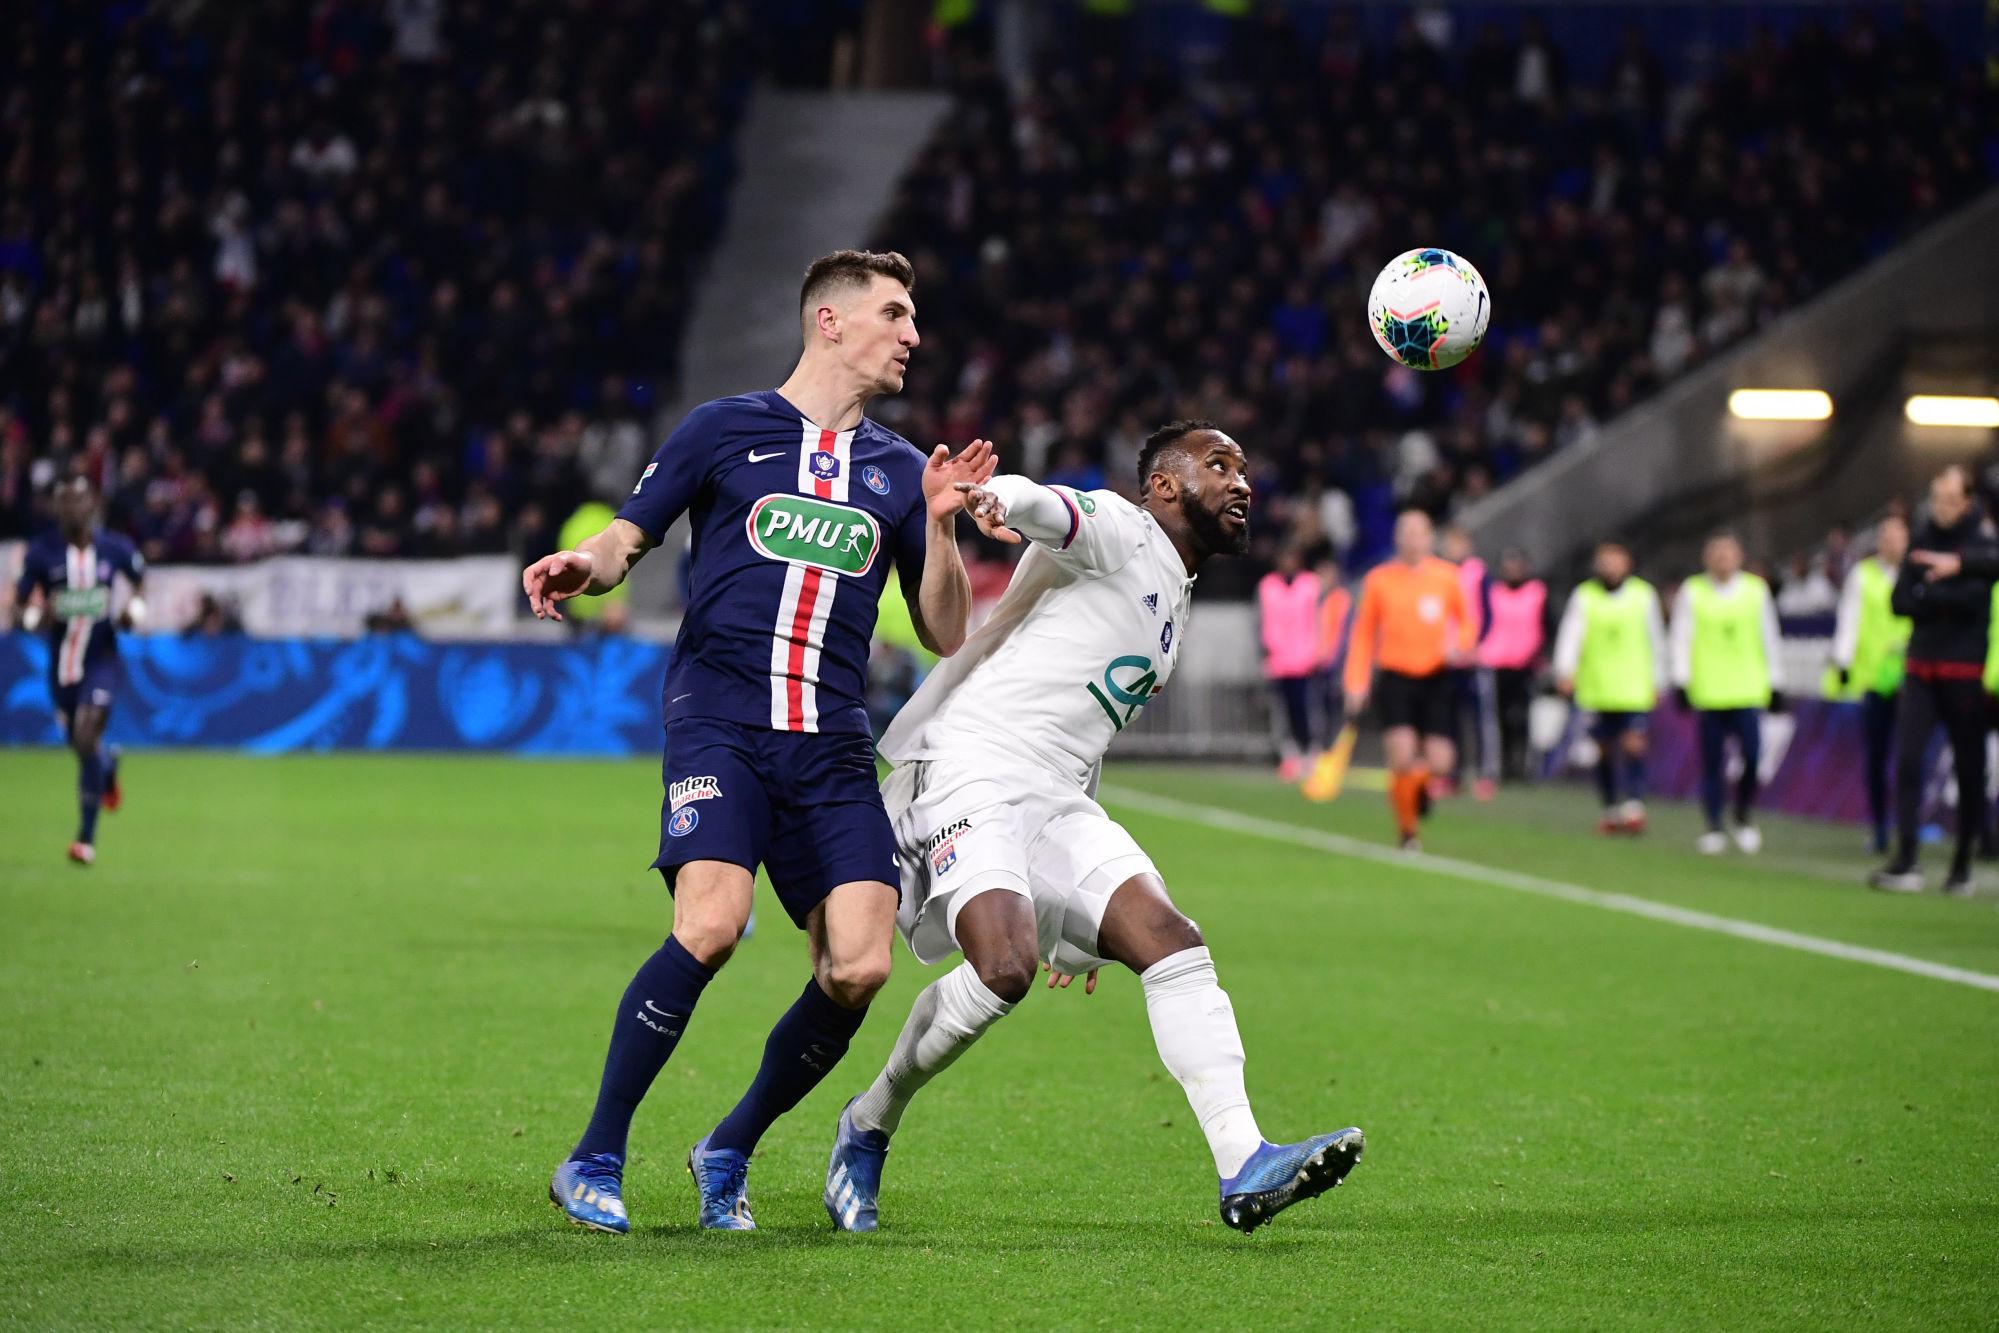 Mercato - Moussa Dembélé, le PSG évoqués parmi les clubs intéressés